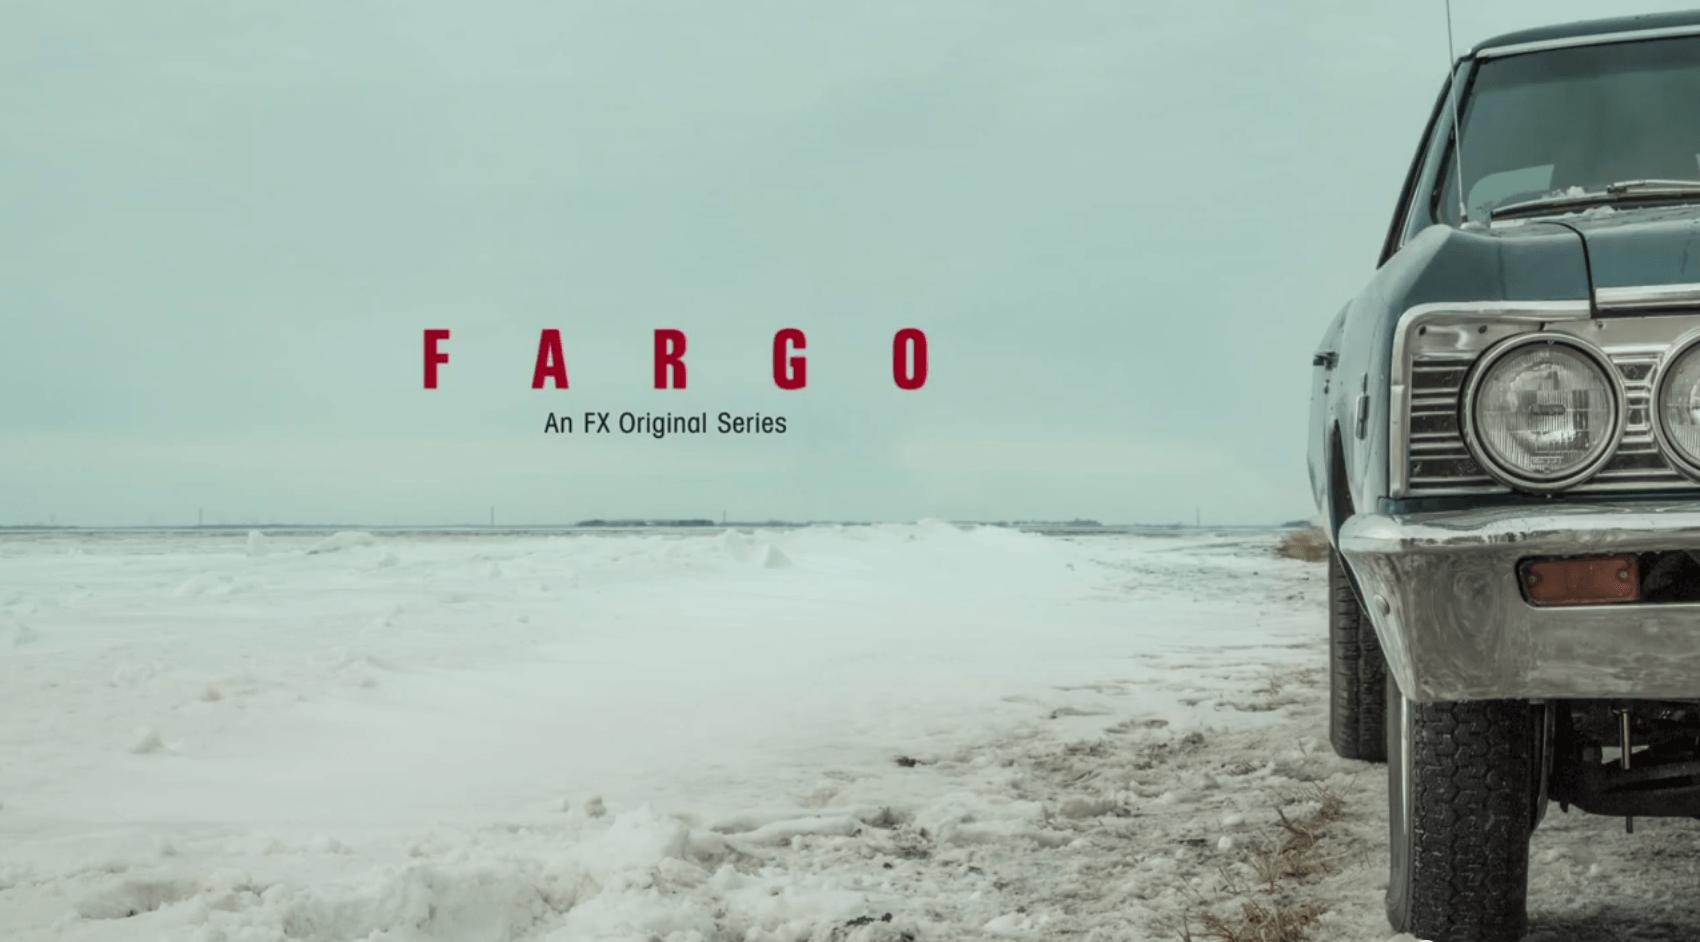 La temporada 4 de Fargo no se estrenará en 2019